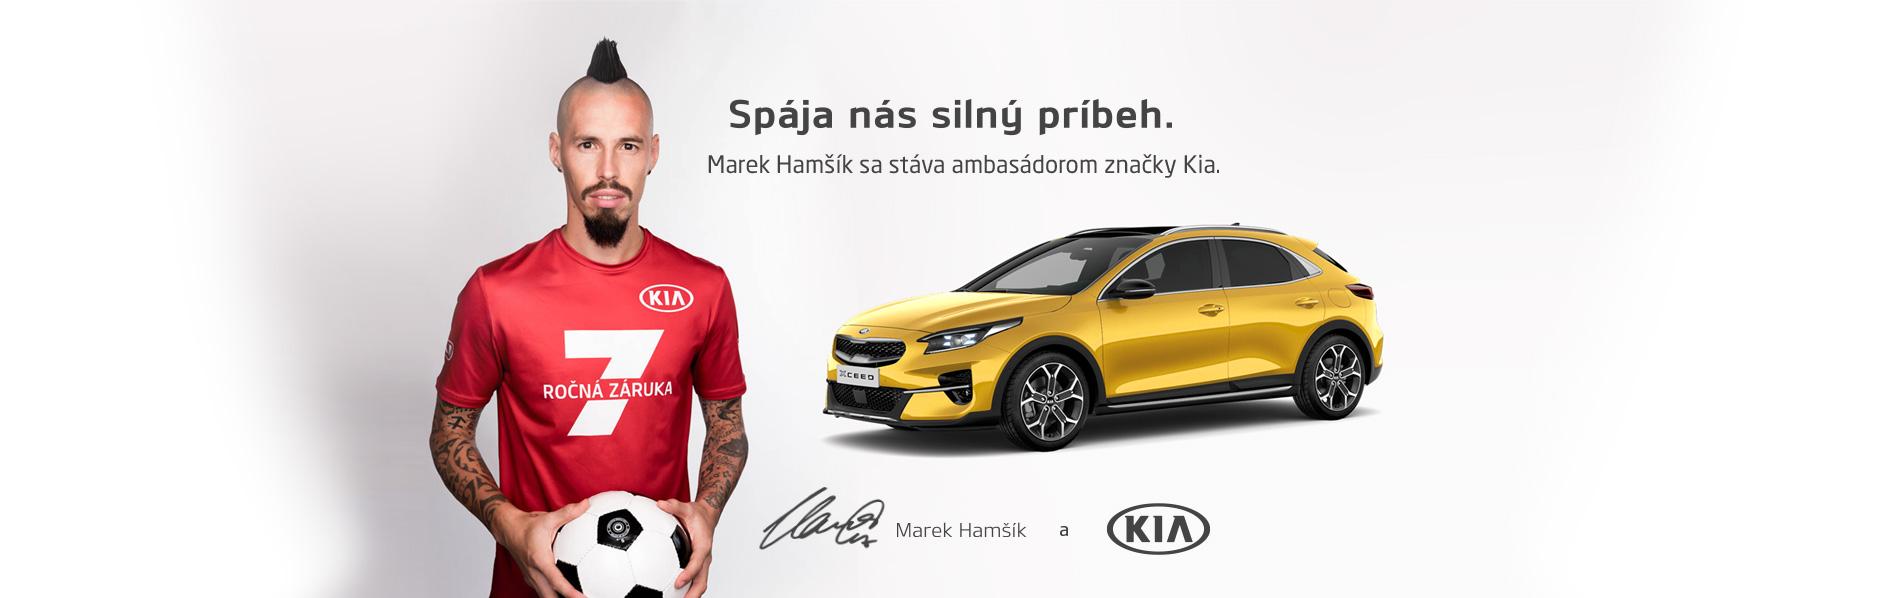 Marek Hamšík sa stáva ambasádorom značky Kia